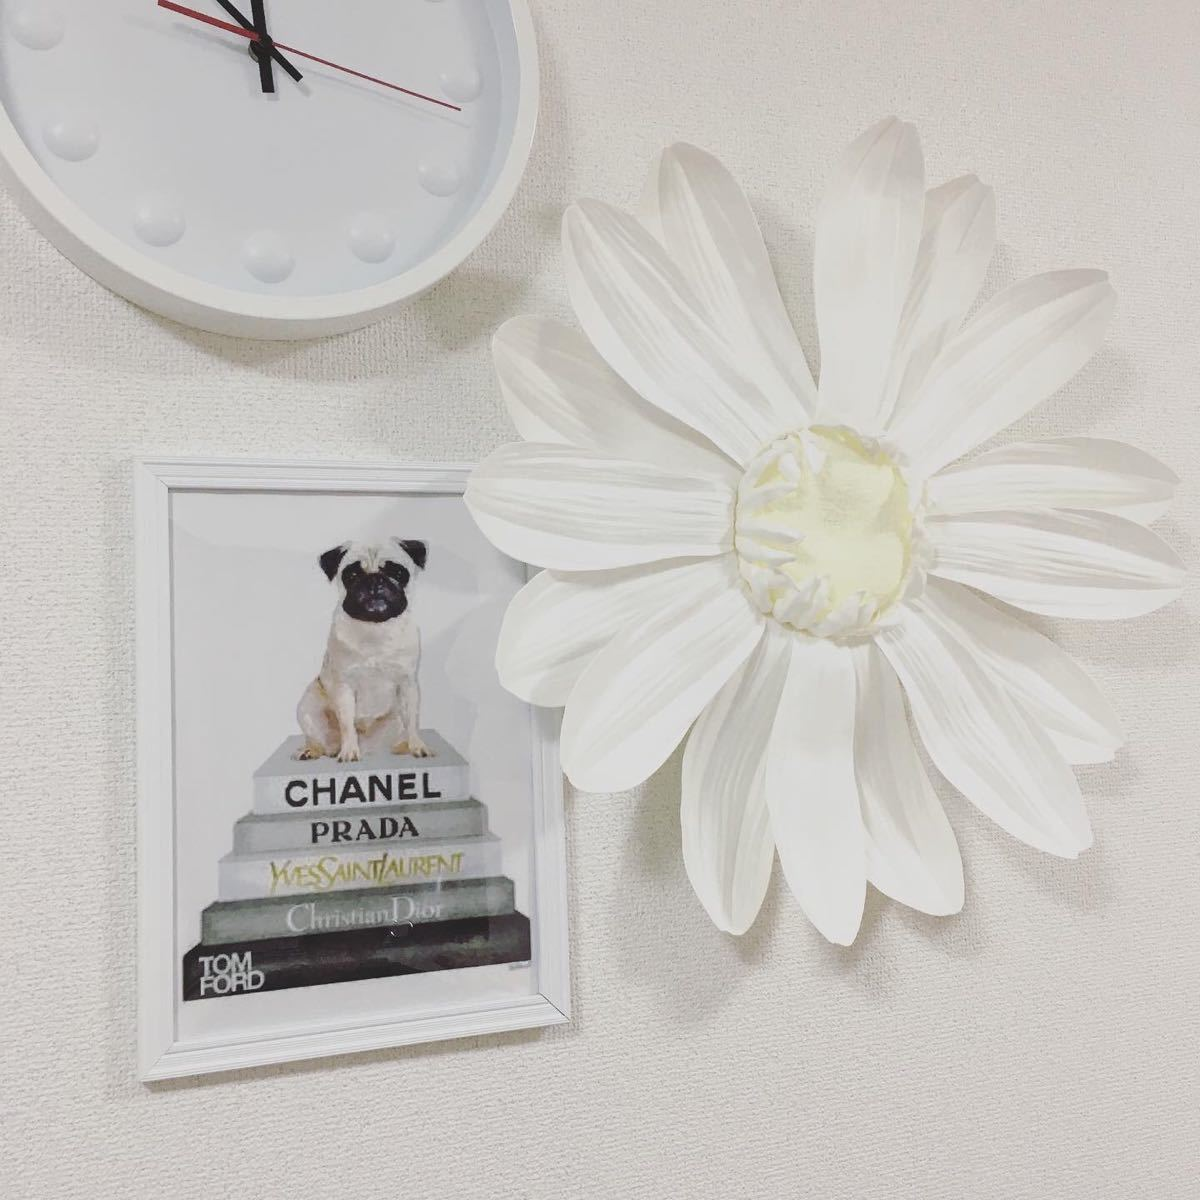 アートポスター A4サイズ  白フレーム付き 壁掛け